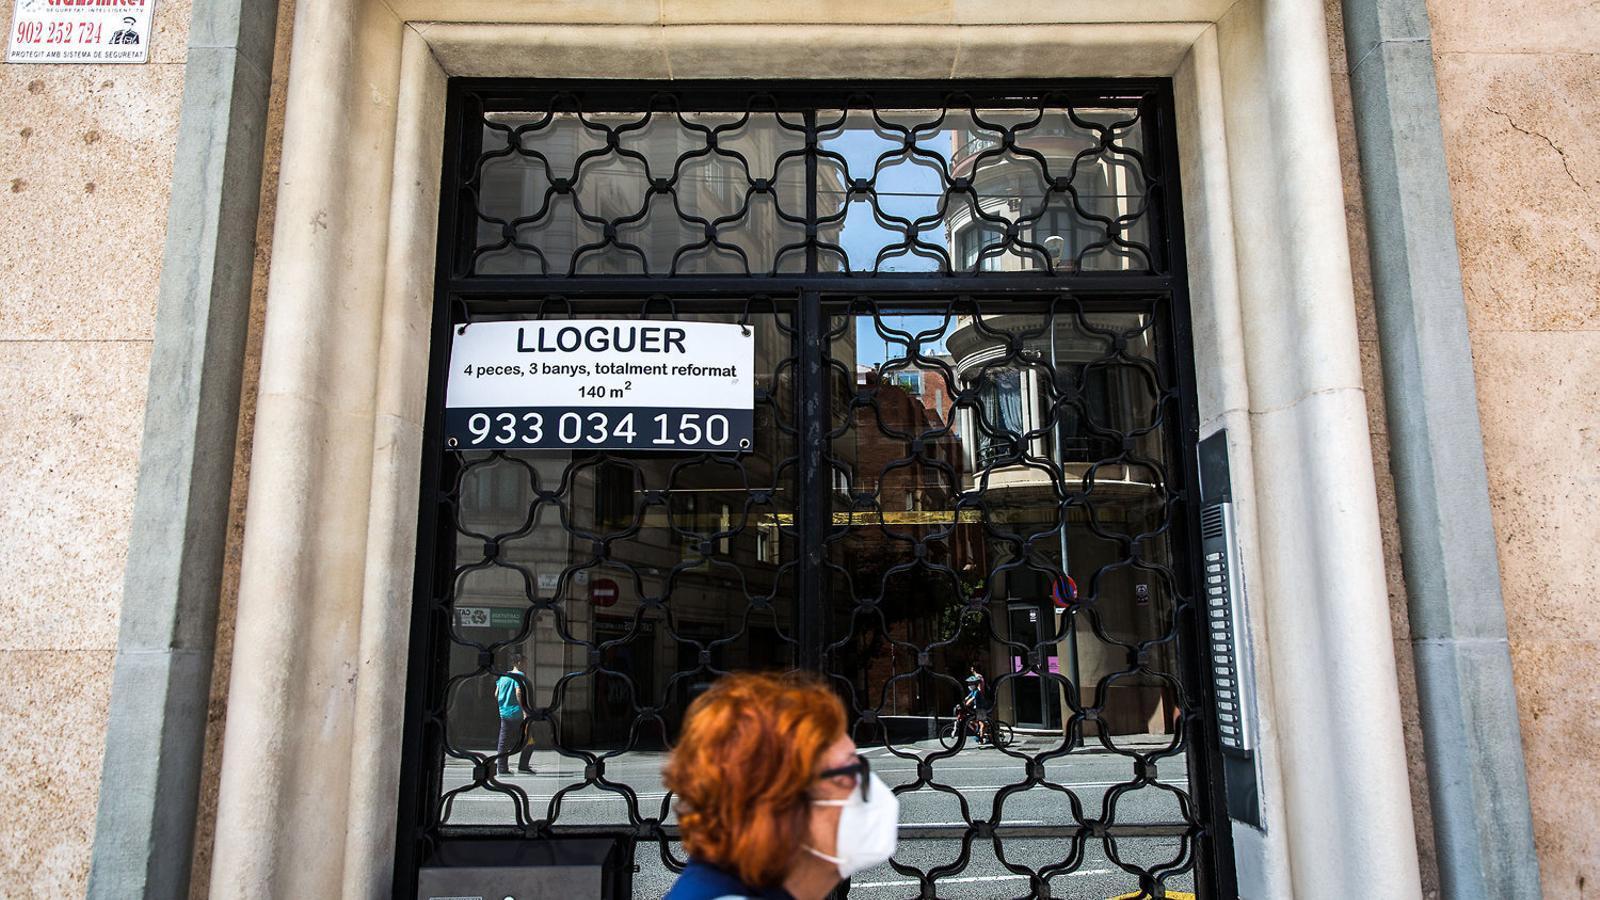 Un anunci d'un pis en lloguer al centre de Barcelona durant la pandèmia.   Peu de foto de dues líde foto de dues líde foto de dues líde foto de dues líde foto de dues línies. Crhonical Text G1 Semi.